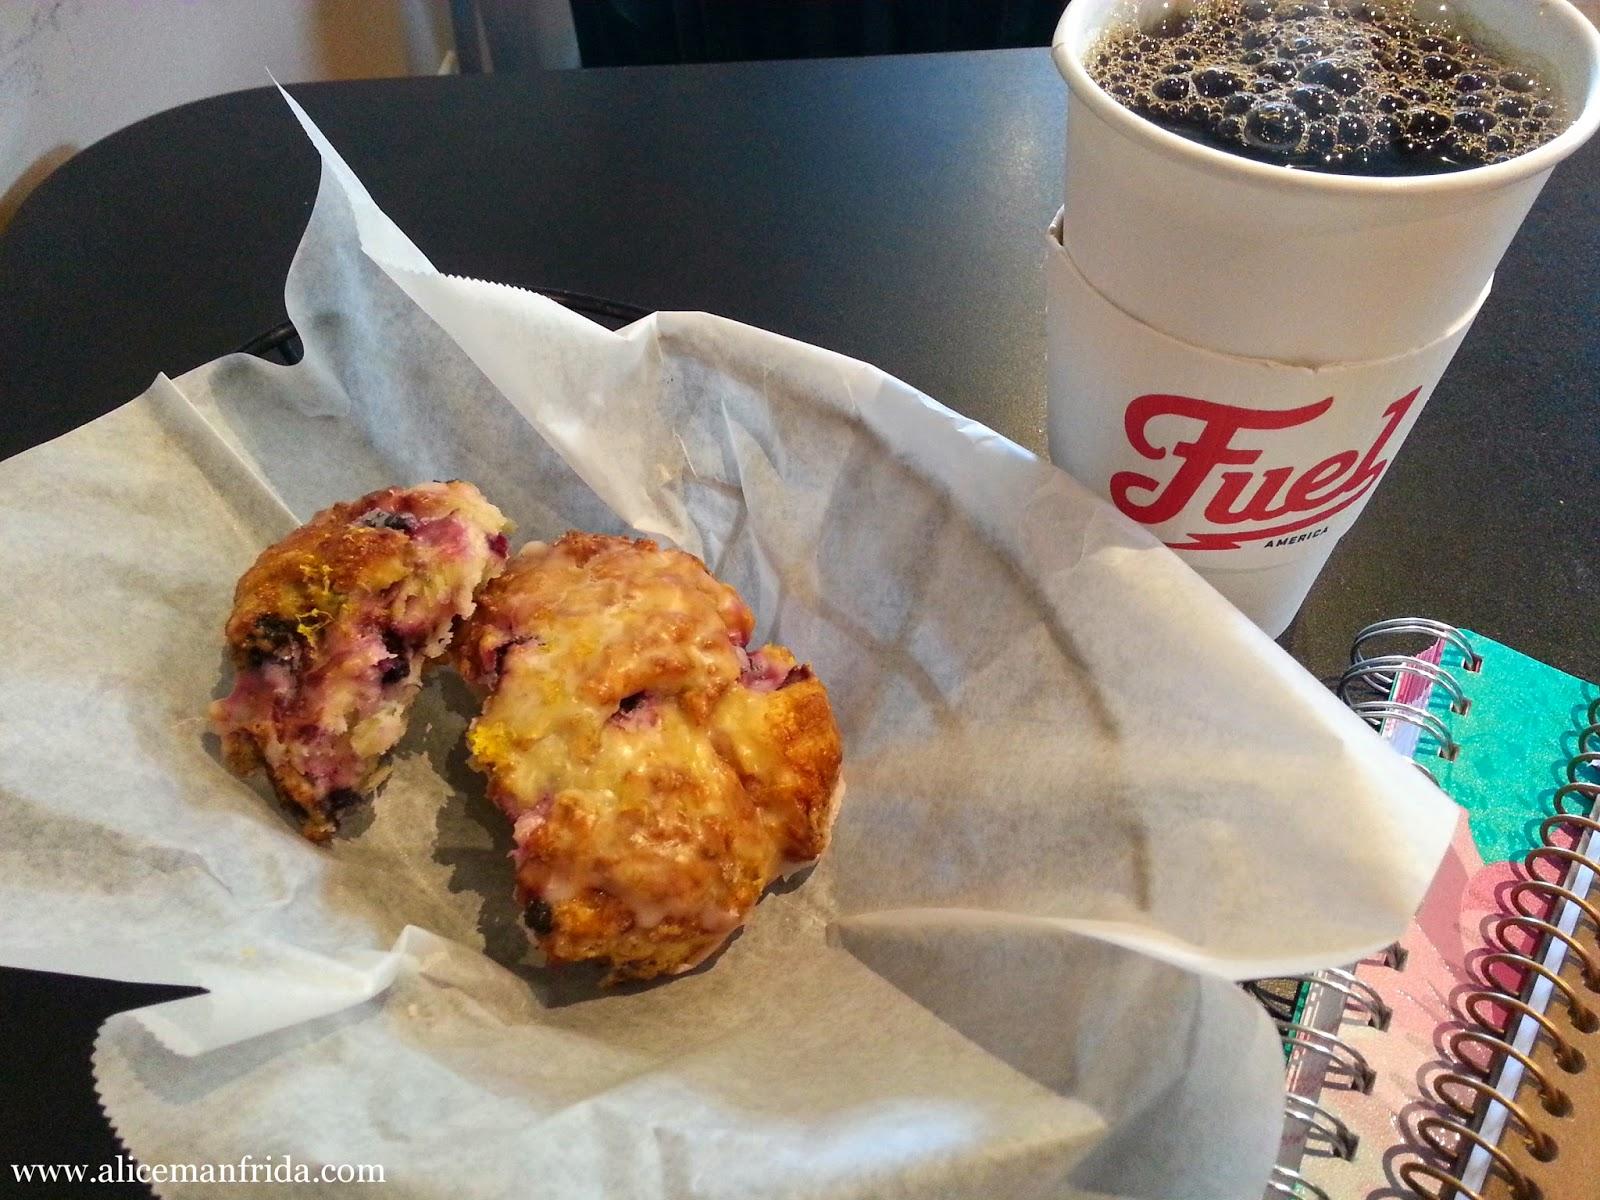 scone, fuel, coffee shop, blueberry scone, breakfast